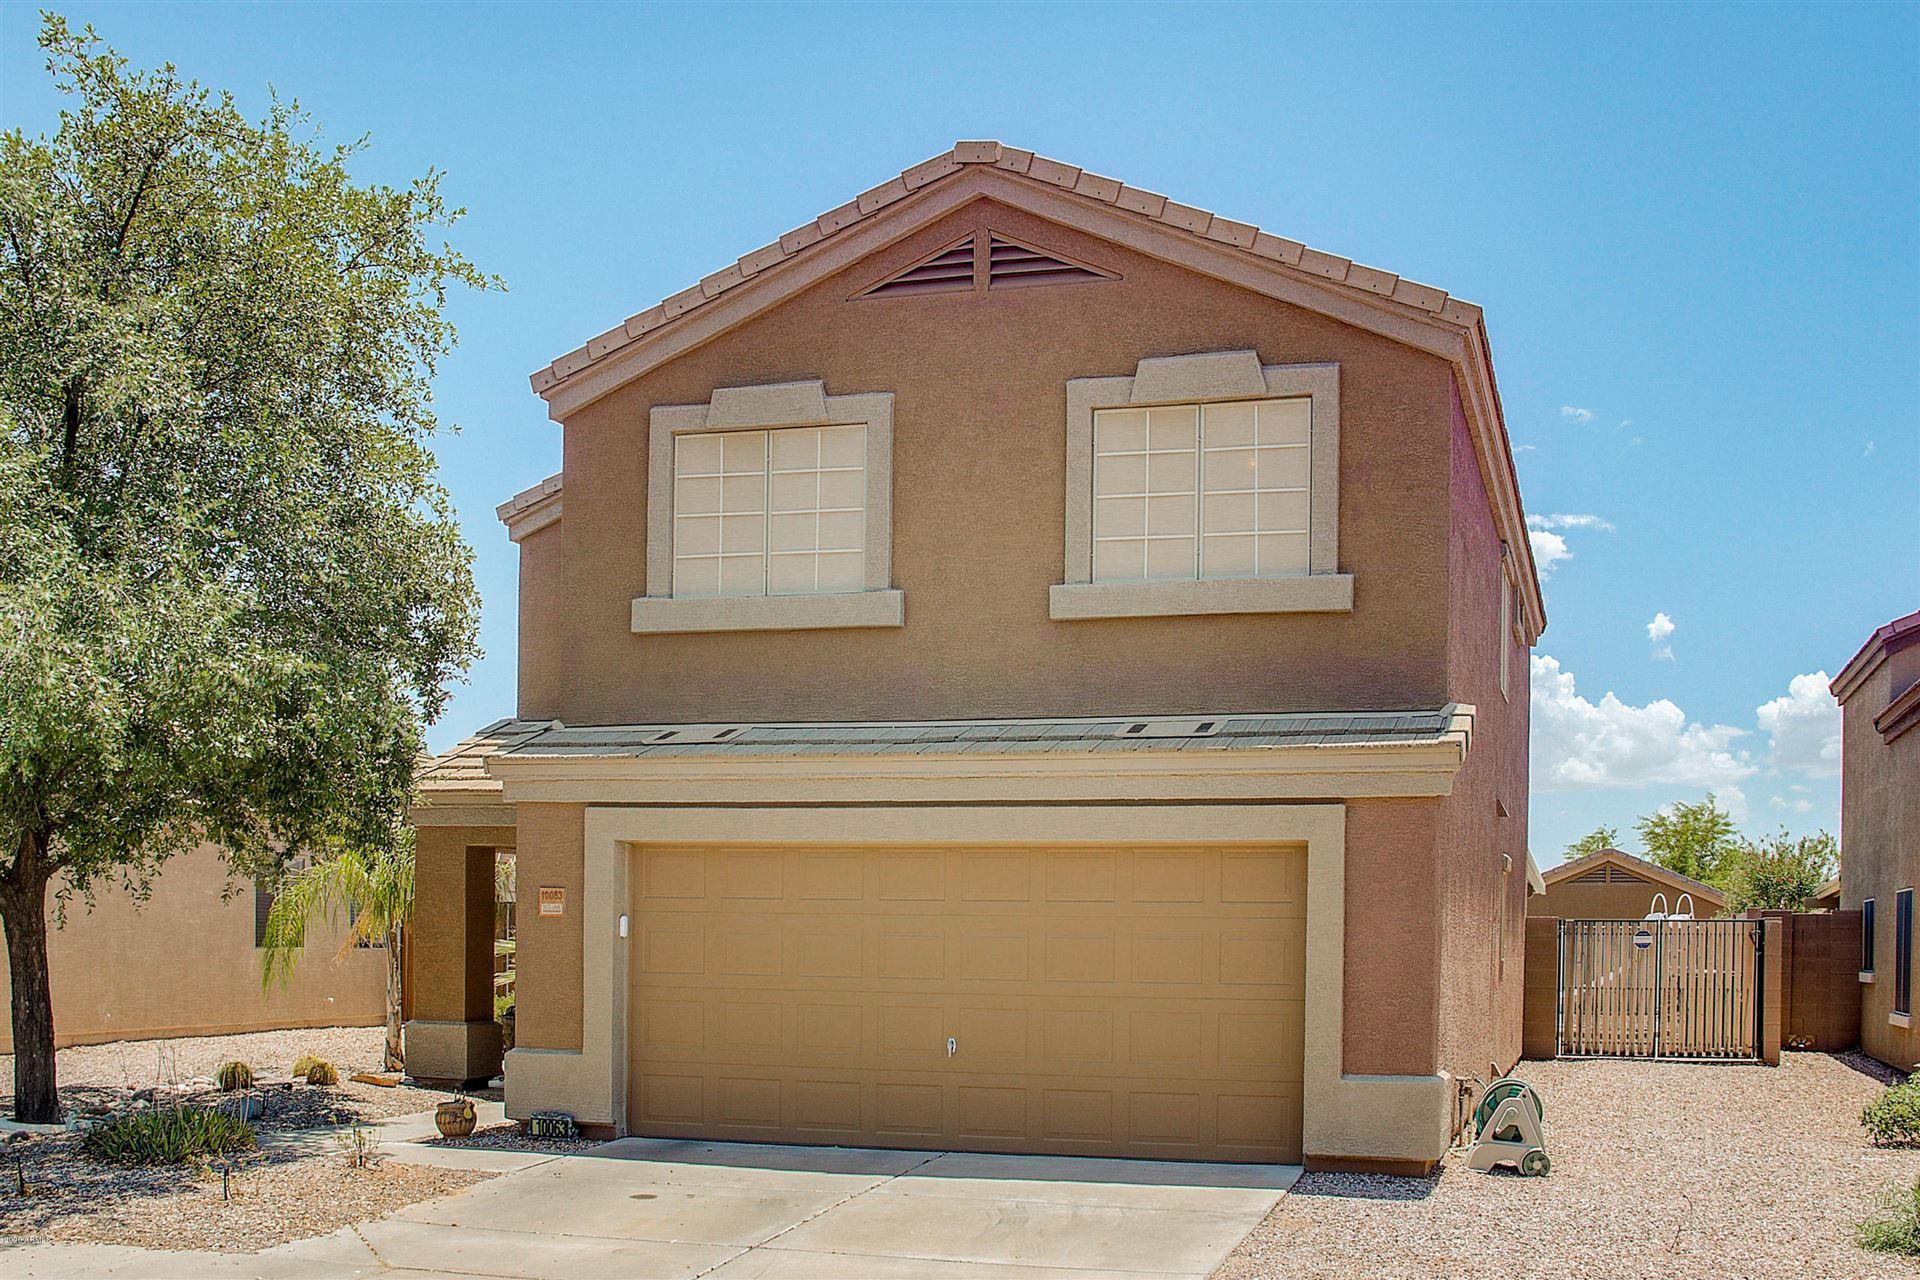 10063 E CALYPSO Circle, Mesa, AZ 85208 - #: 6099682